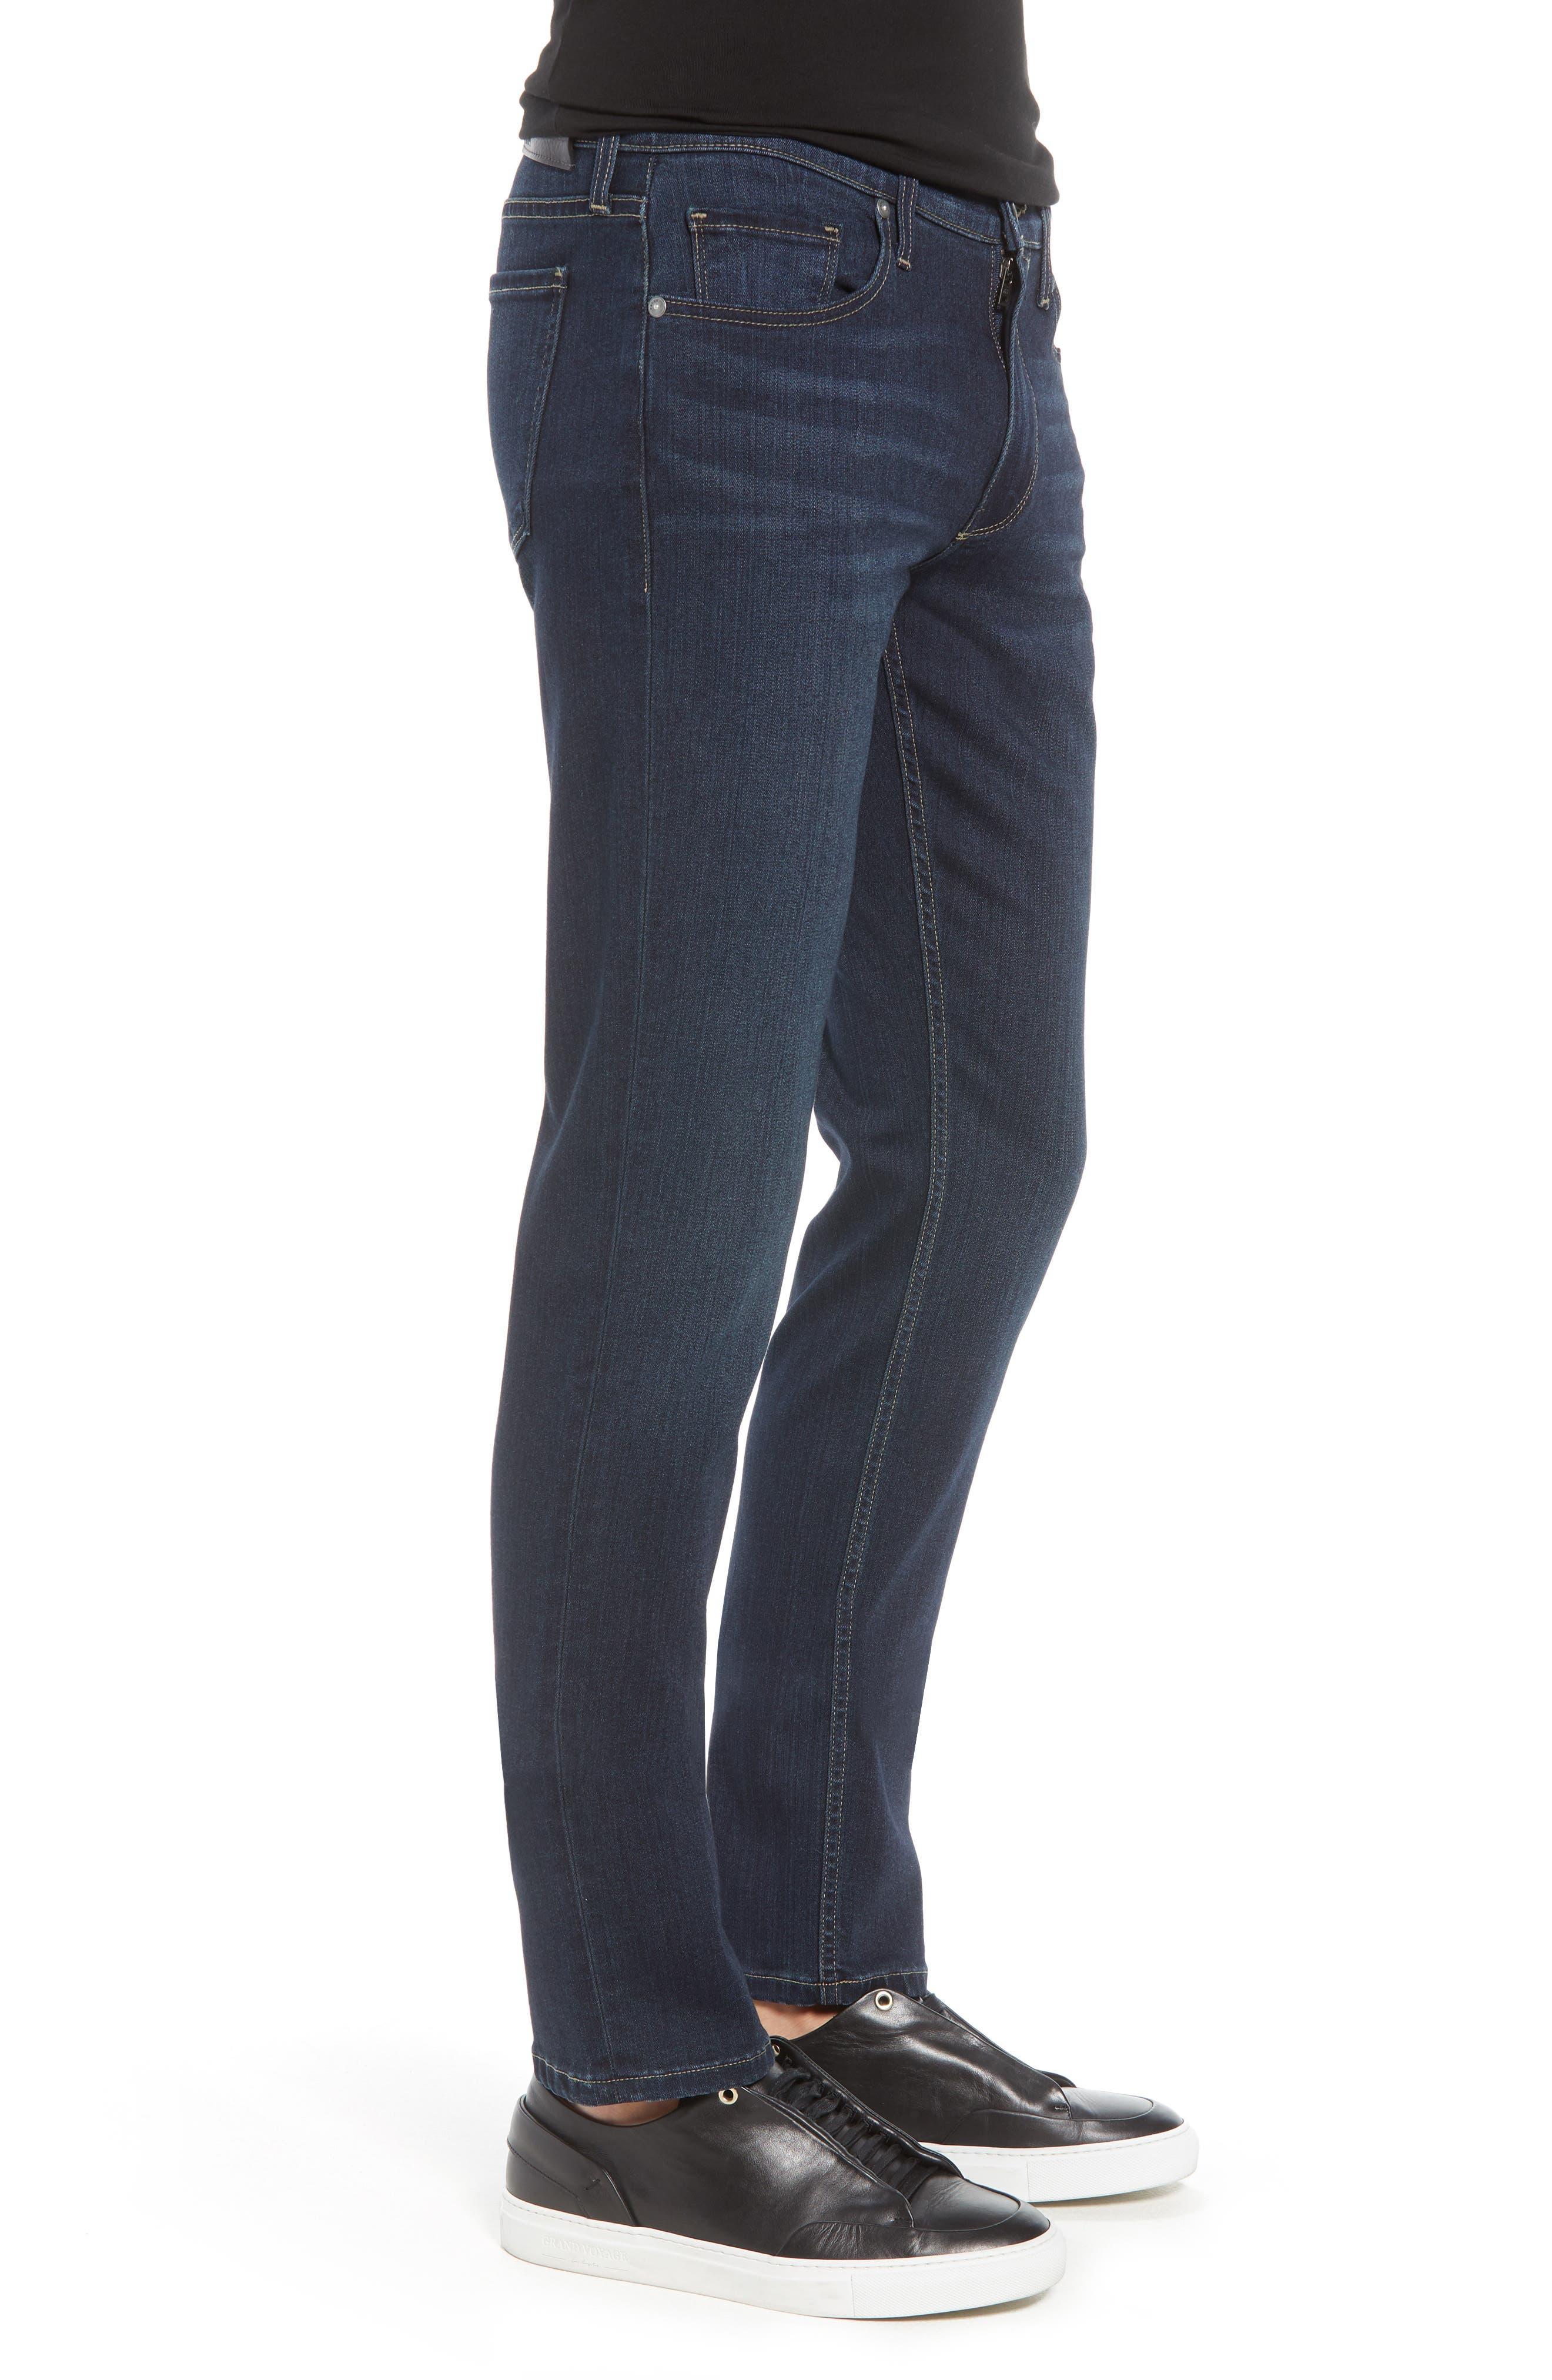 Transcend – Lennox Slim Fit Jeans,                             Alternate thumbnail 3, color,                             HALE